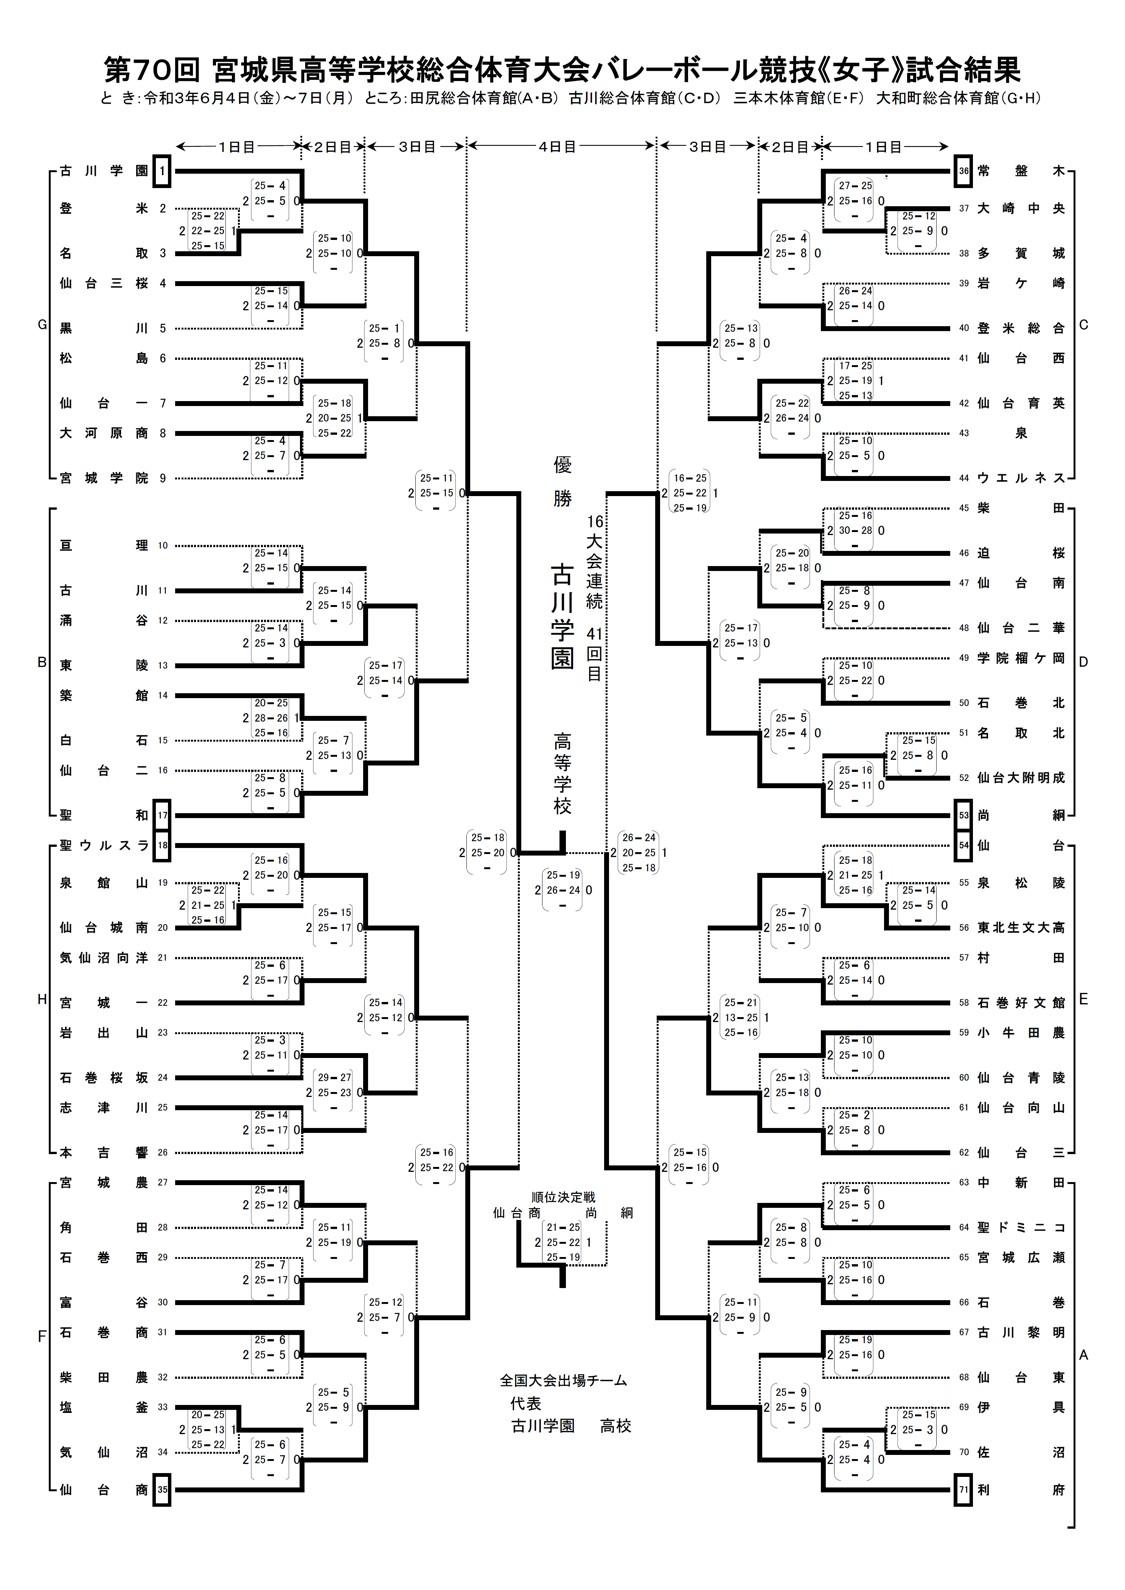 2021年度_インターハイ予選_宮城県予選_女子_最終結果